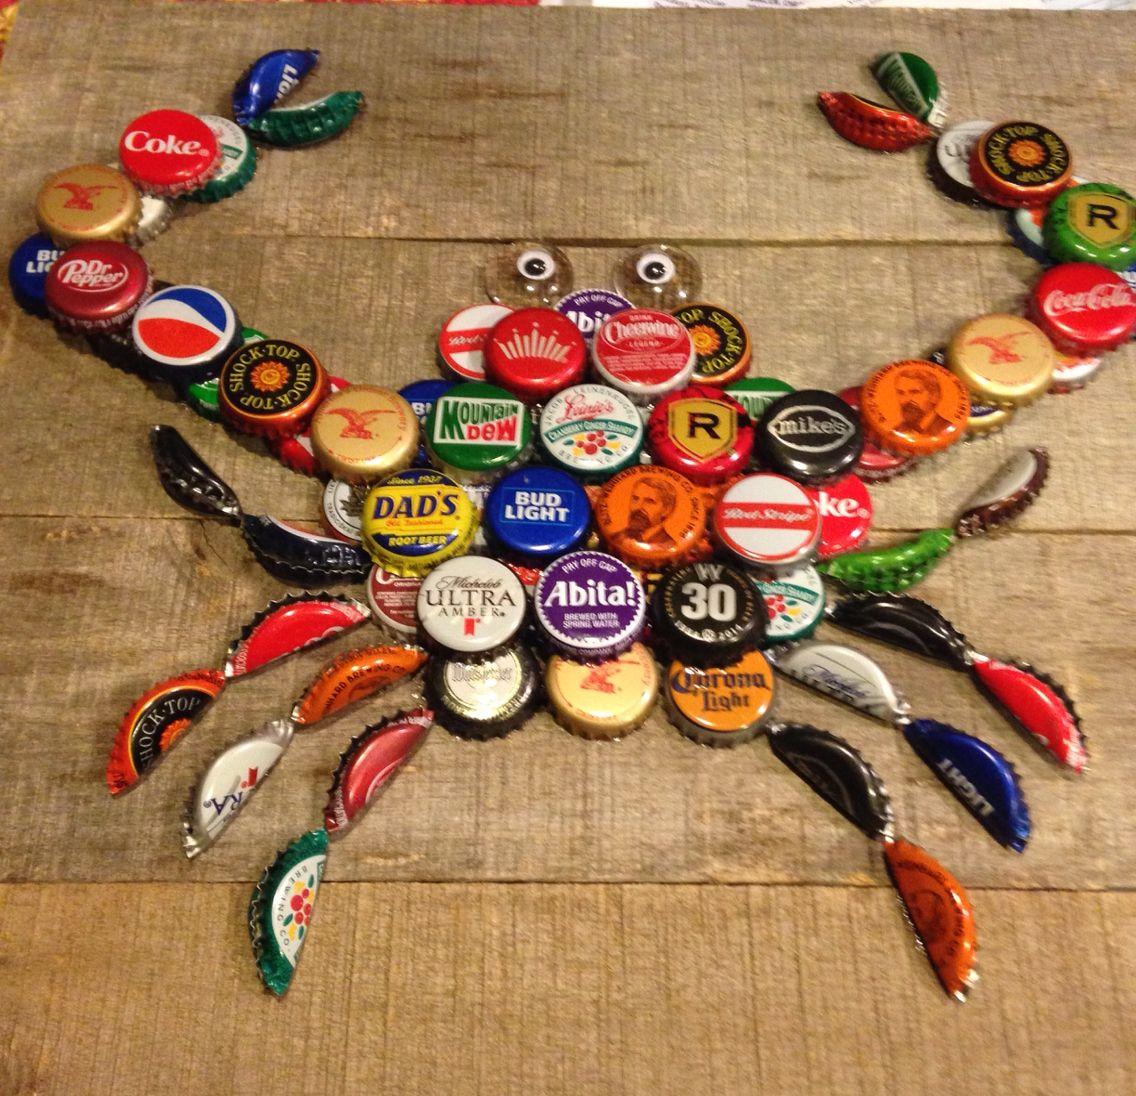 My Bottle Cap Crab Bottle Cap Art Beer Bottle Cap Crafts Beer Cap Crafts